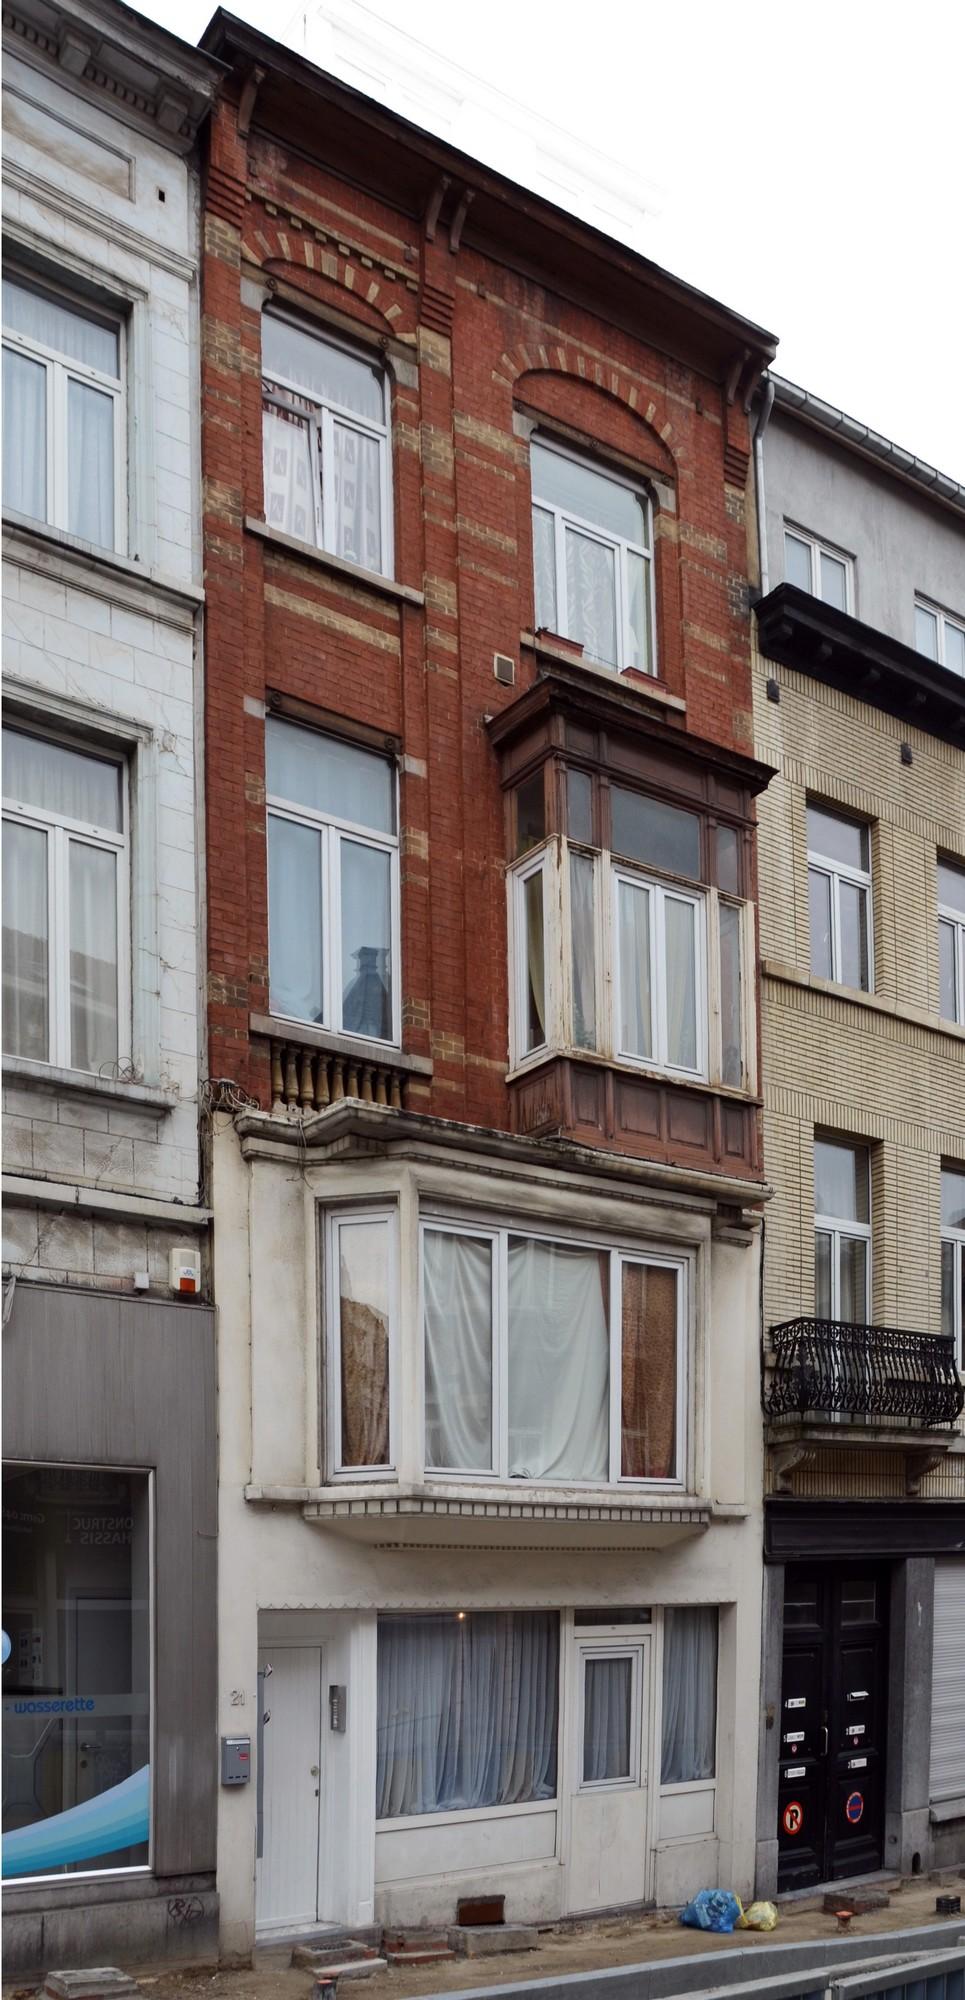 Rue des eburons 21 bruxelles extension est bruxelles for Architecte bruxelles